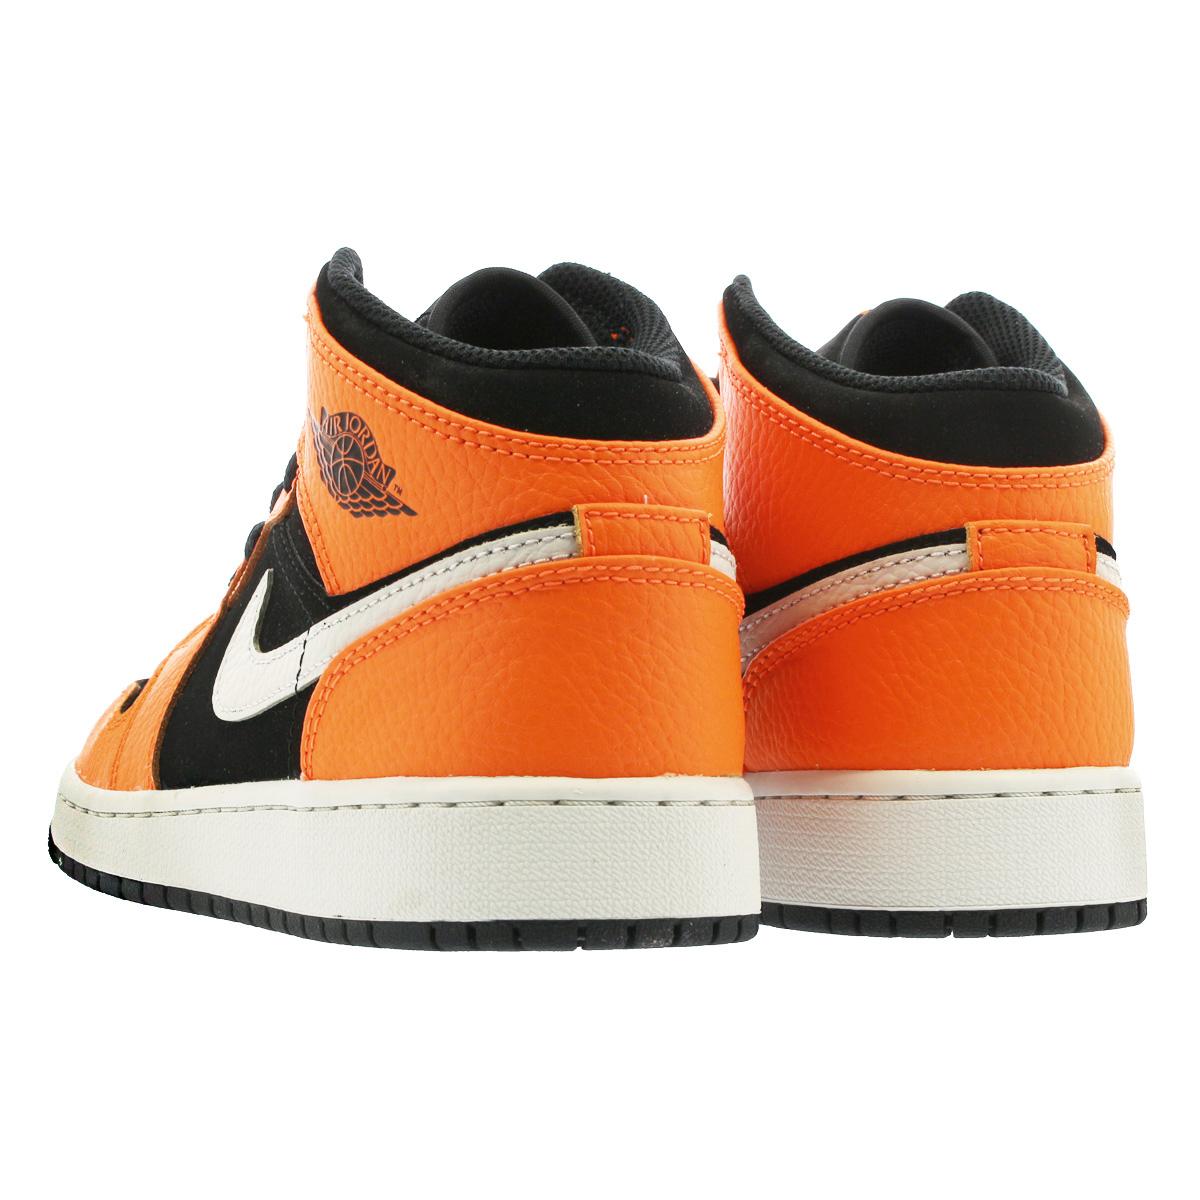 9d586b9a149 NIKE AIR JORDAN 1 MID BG Nike Air Jordan 1 mid BG BLACK CONE LIGHT BONE ORANGE  554